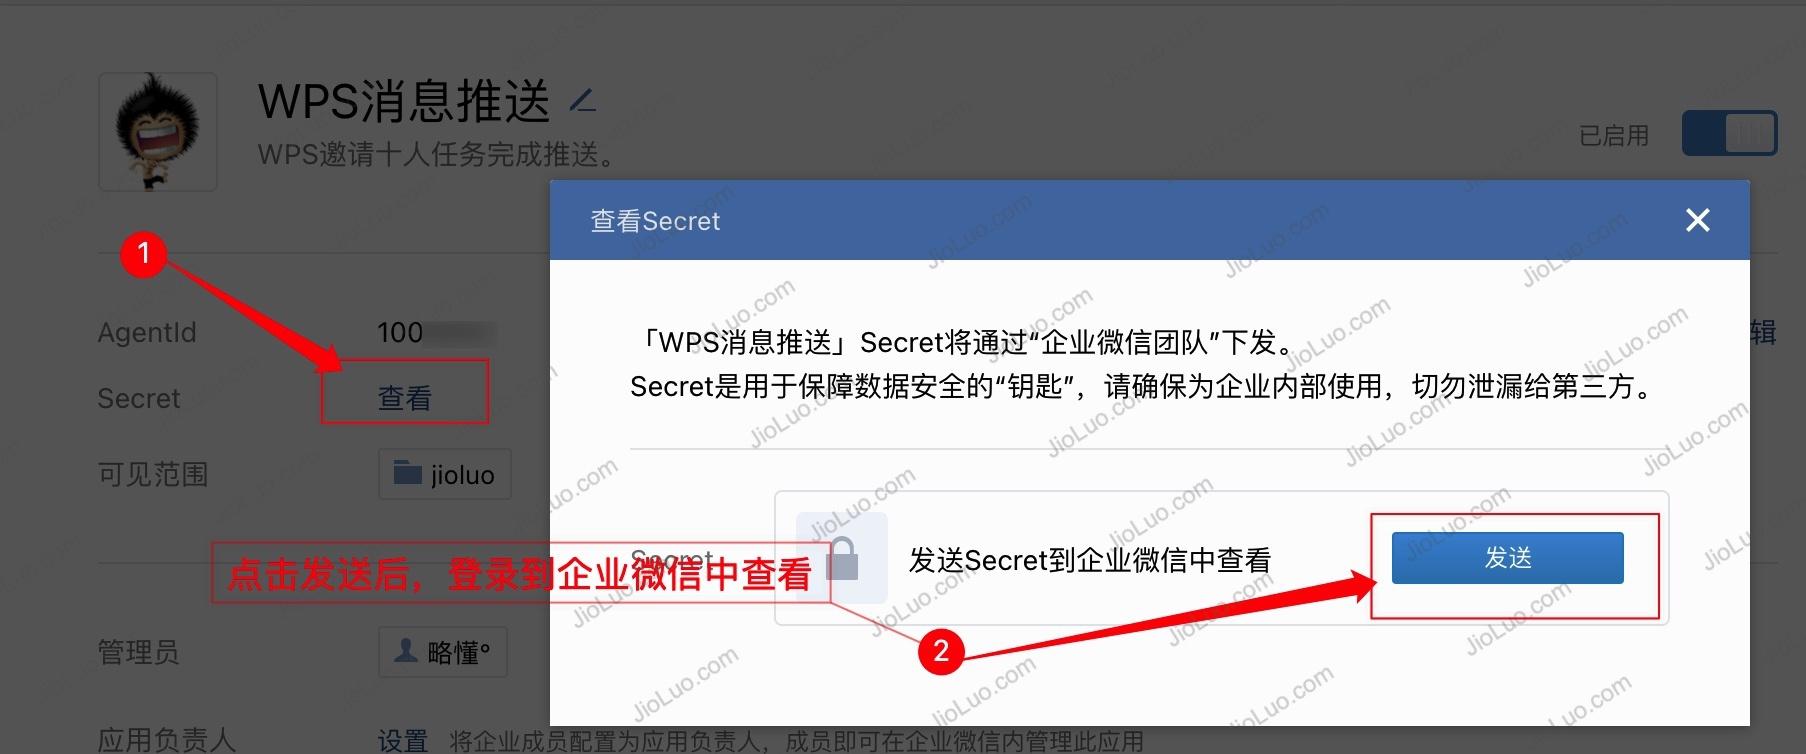 教程   WPS打开签到 Server酱 企业微信应用消息配置说明插图5